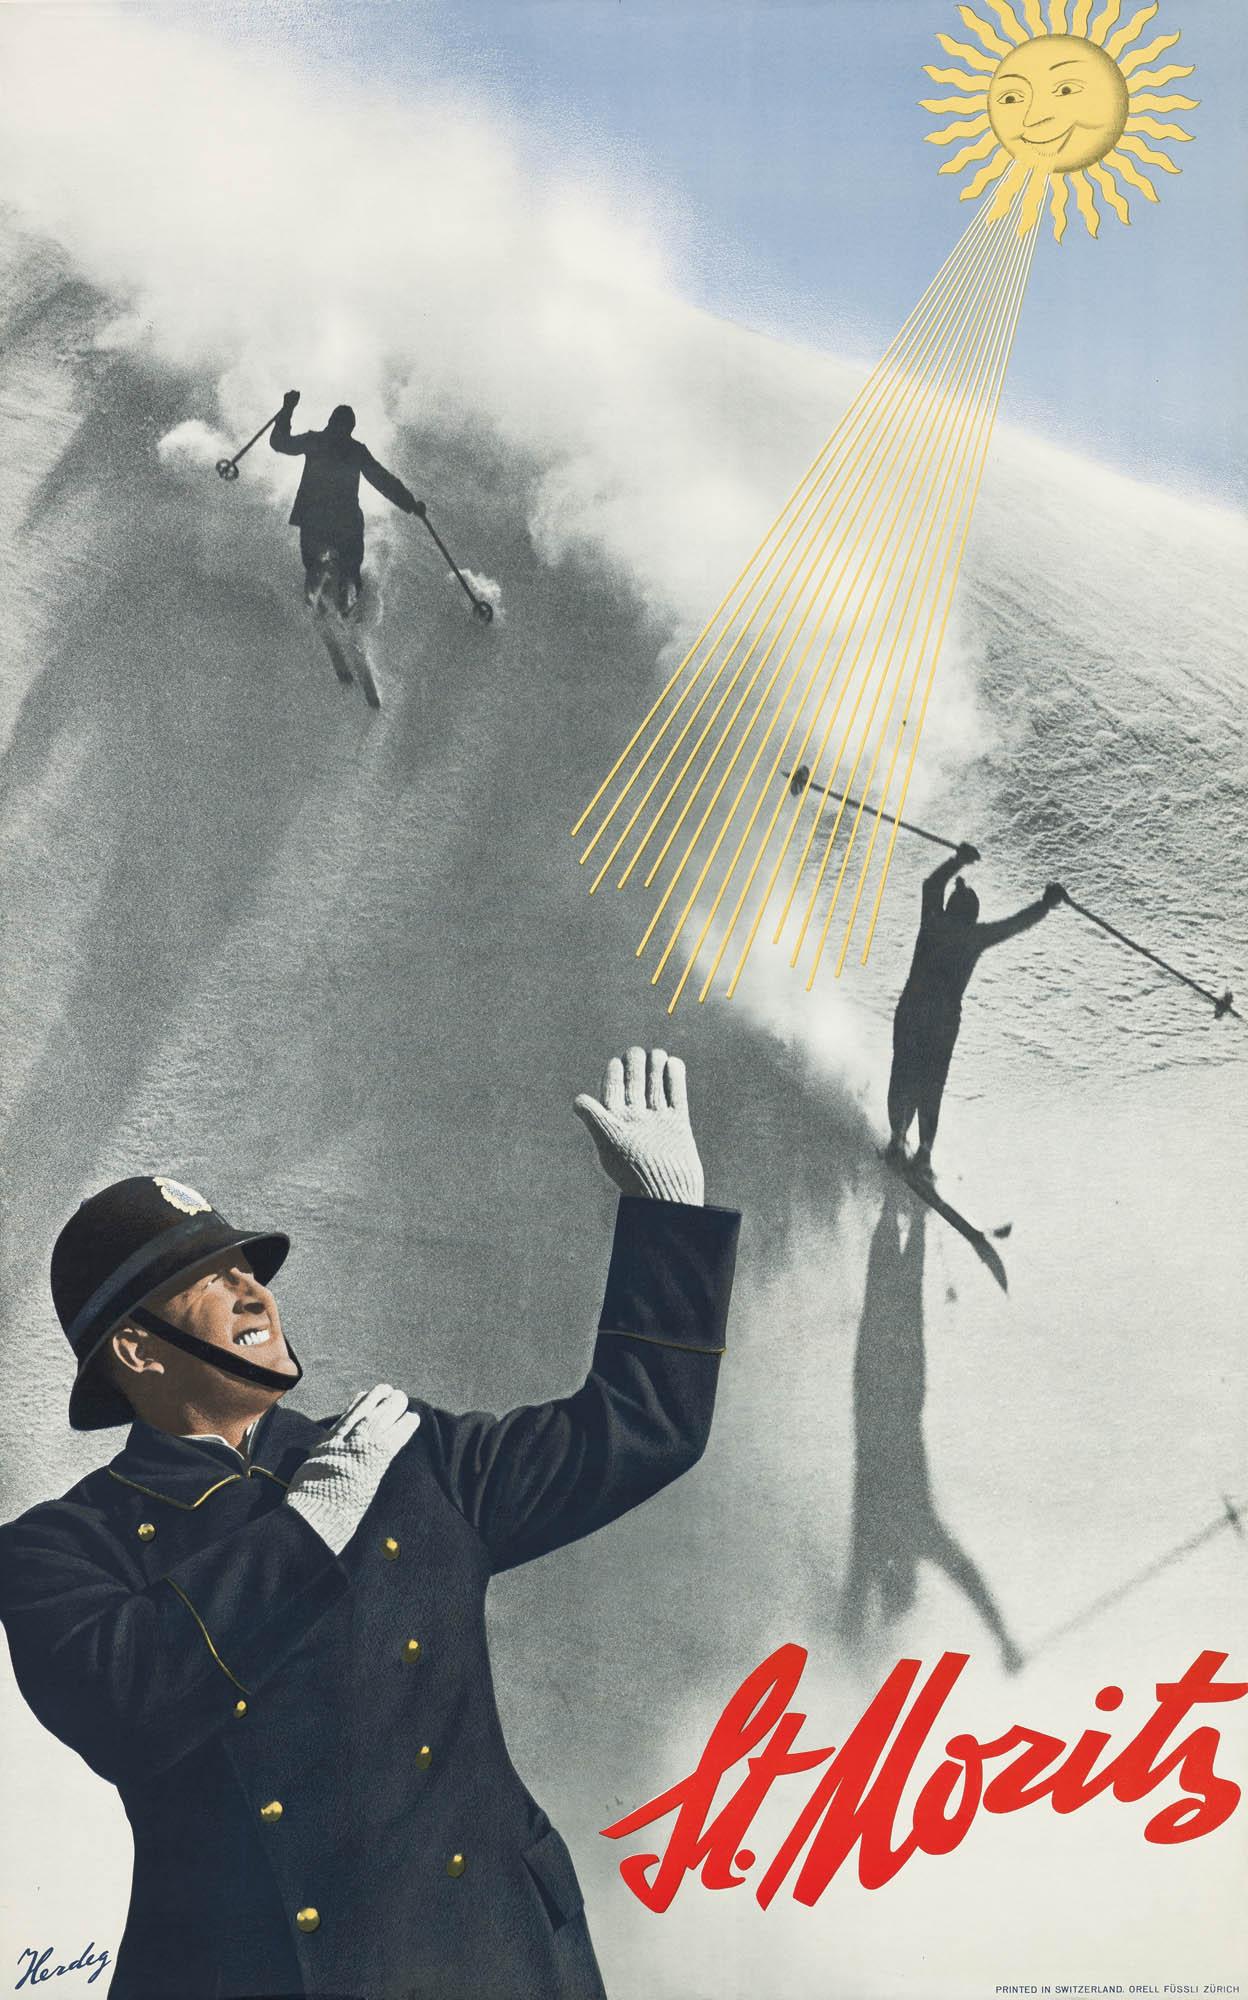 St. Moritz Walter Herdeg Plakat